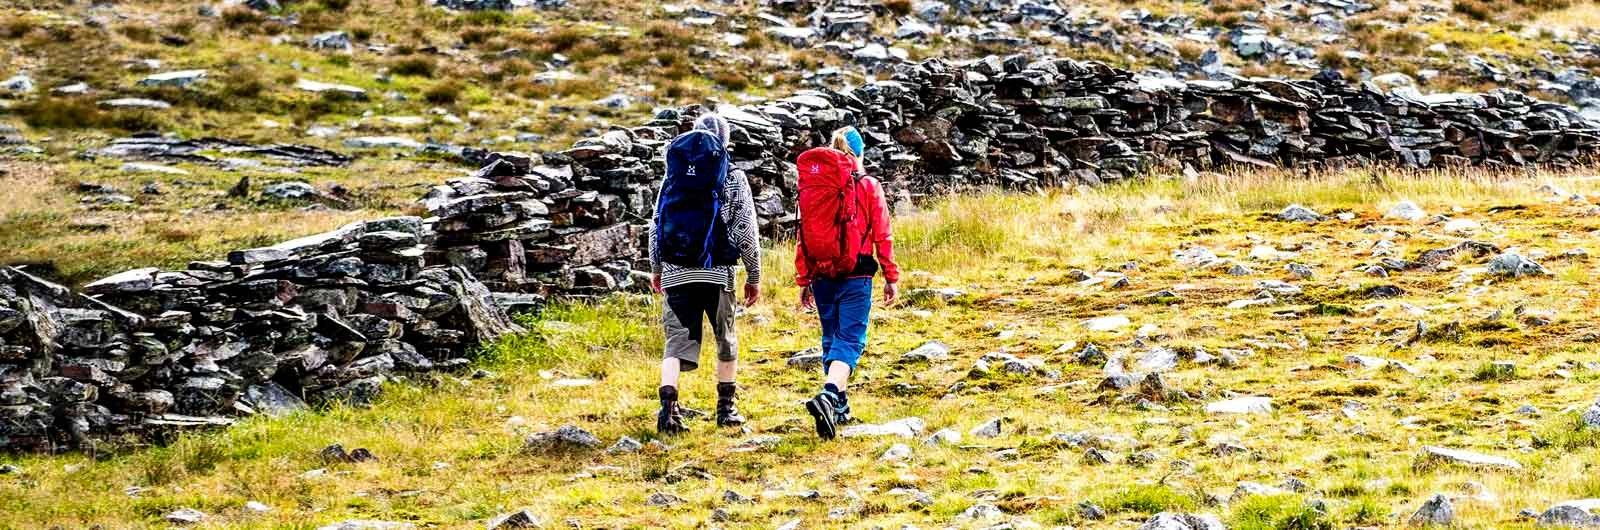 Två vandrare intill mur längs led